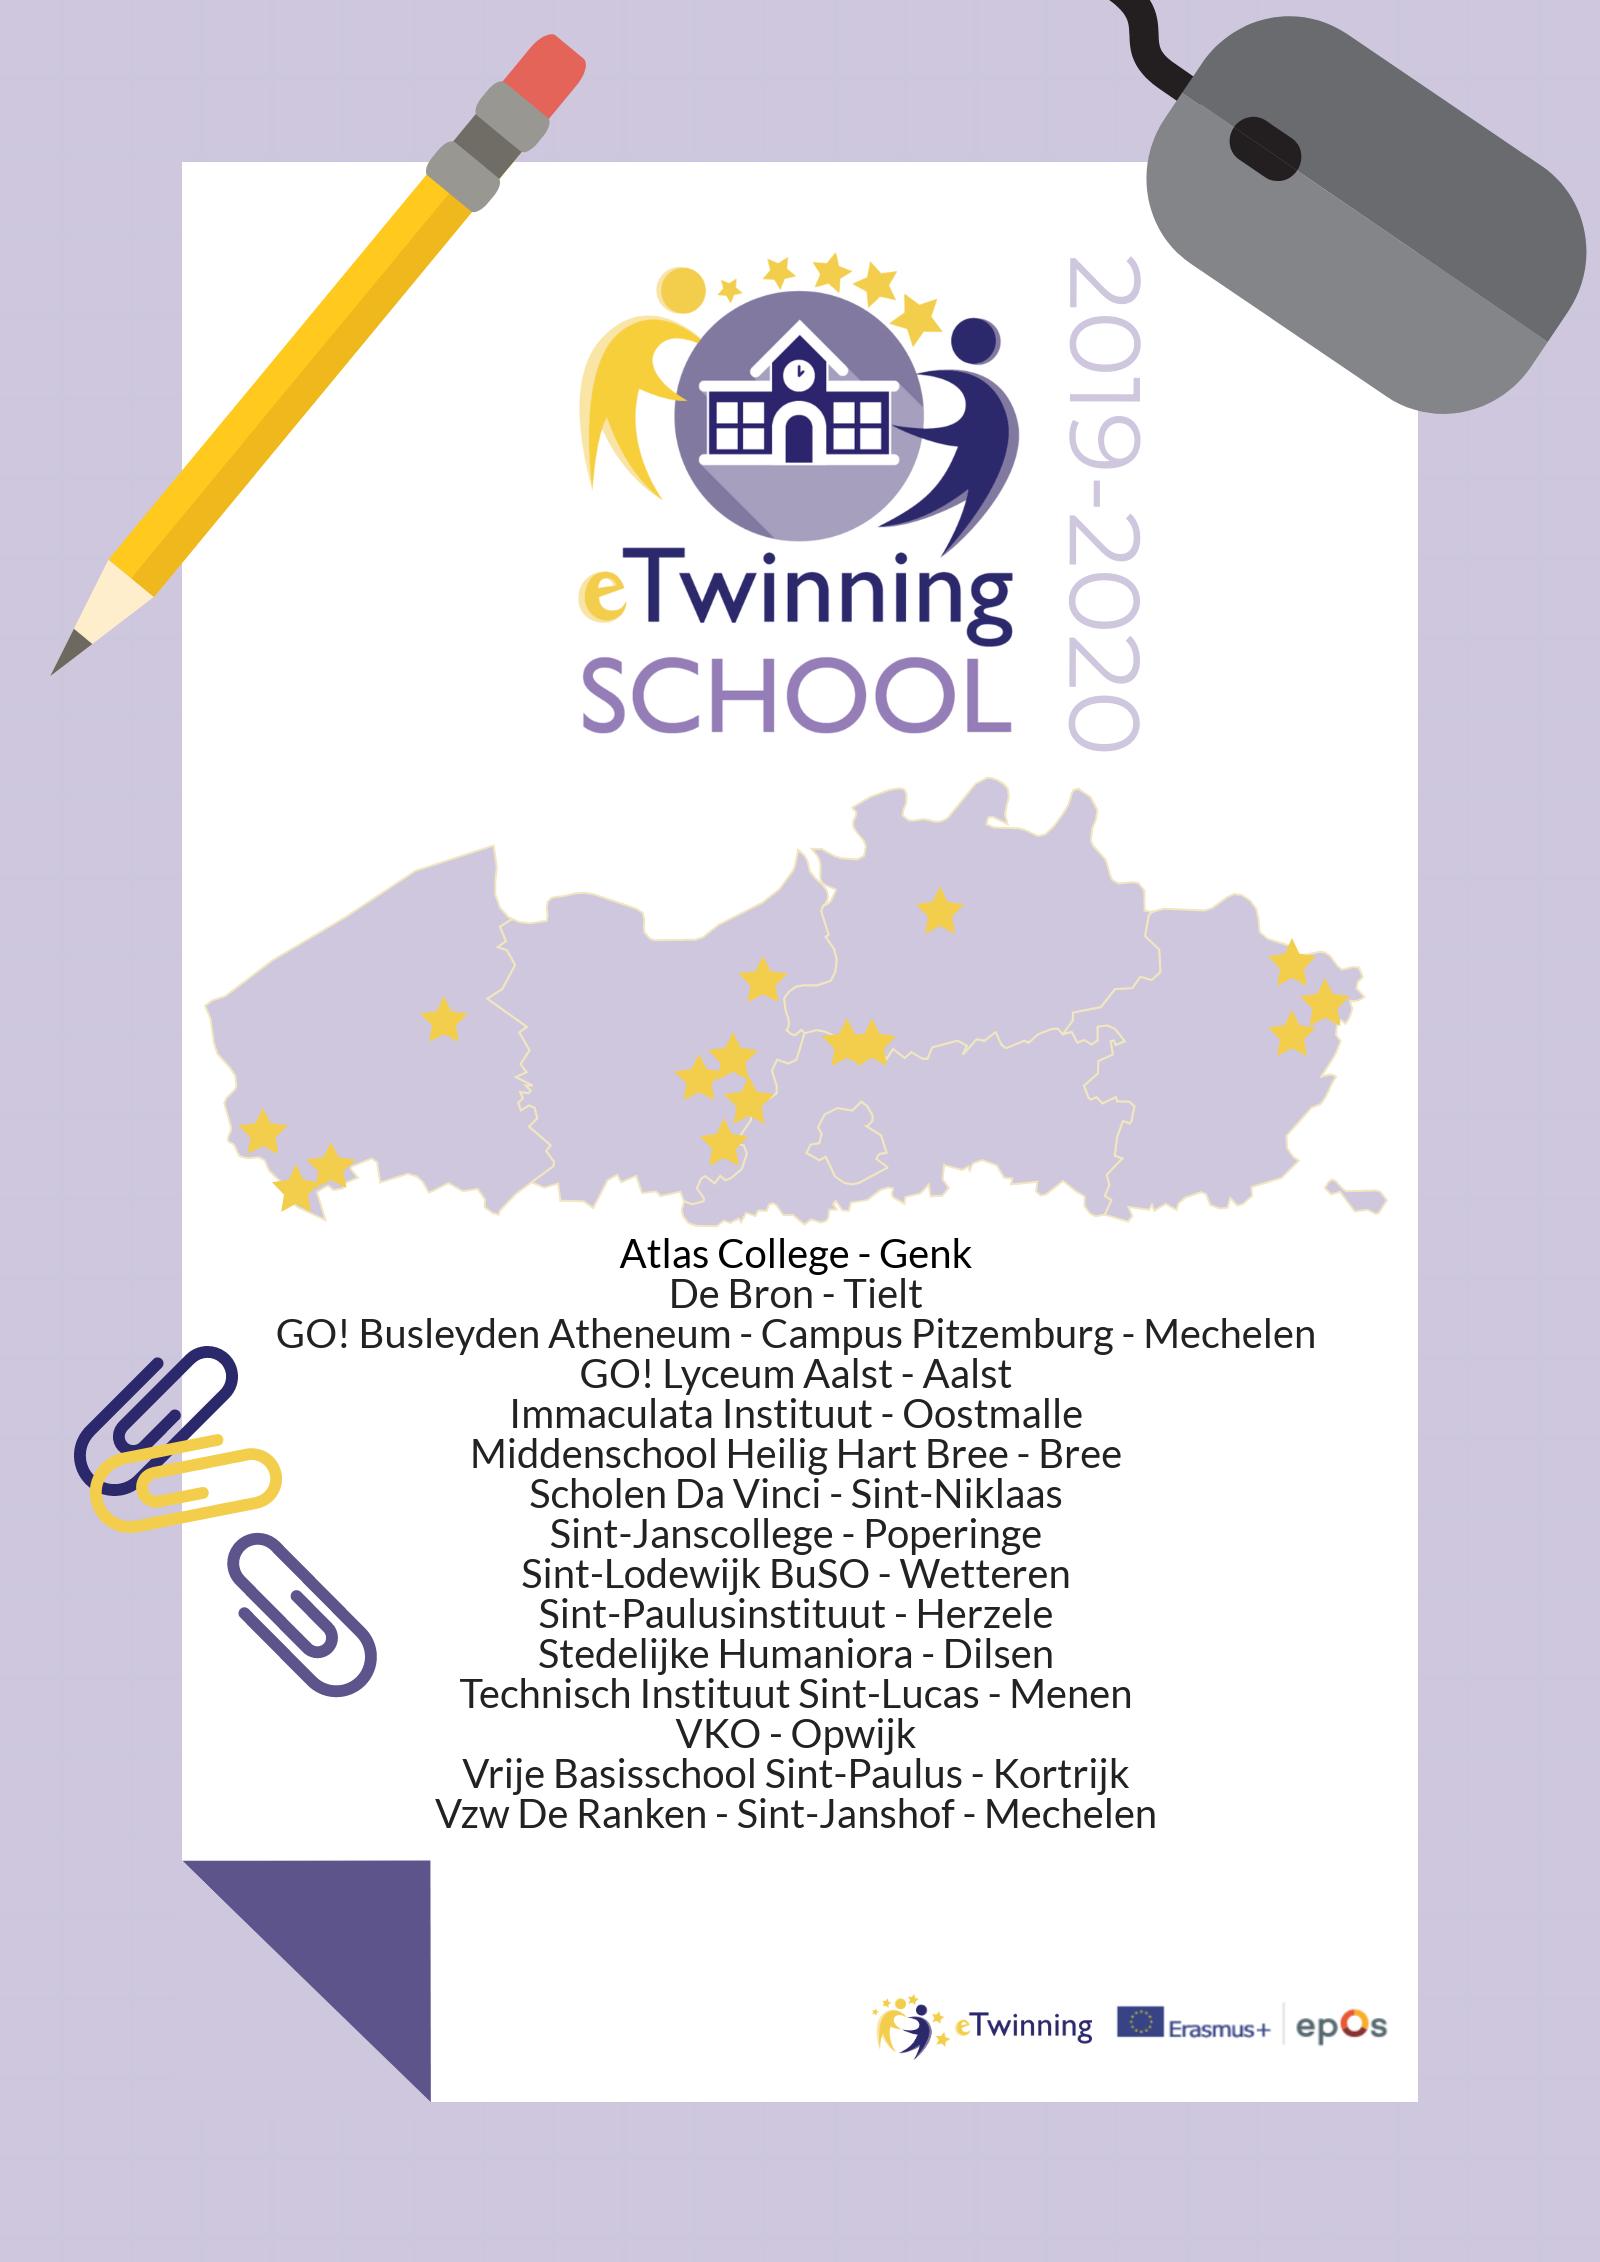 eTwinning Schools 2019-2020